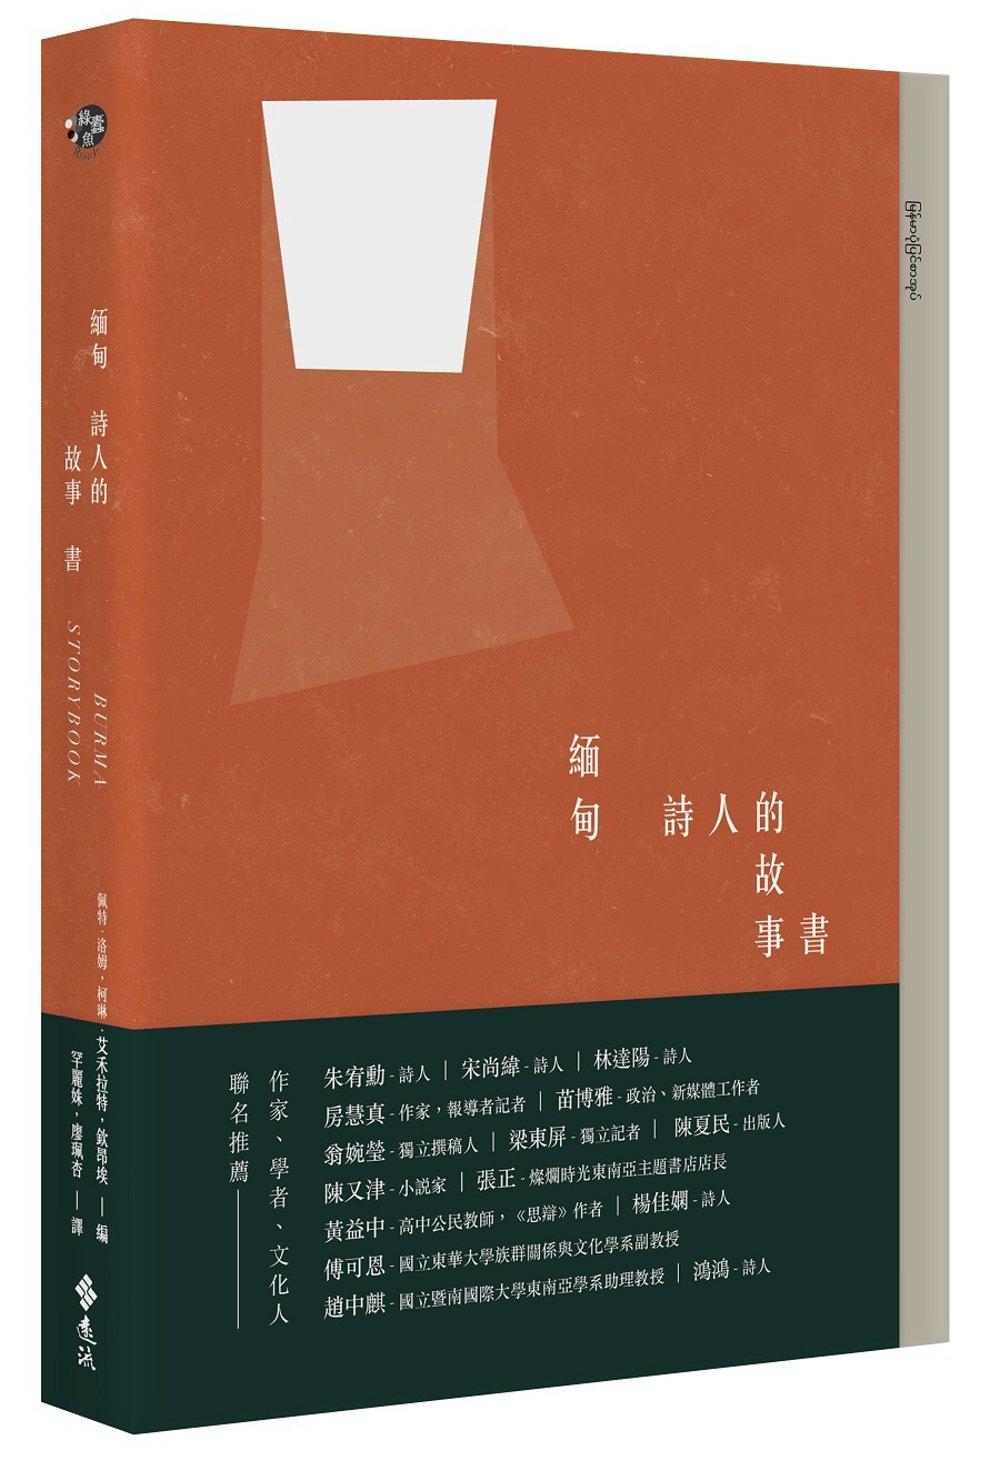 緬甸詩人的故事書